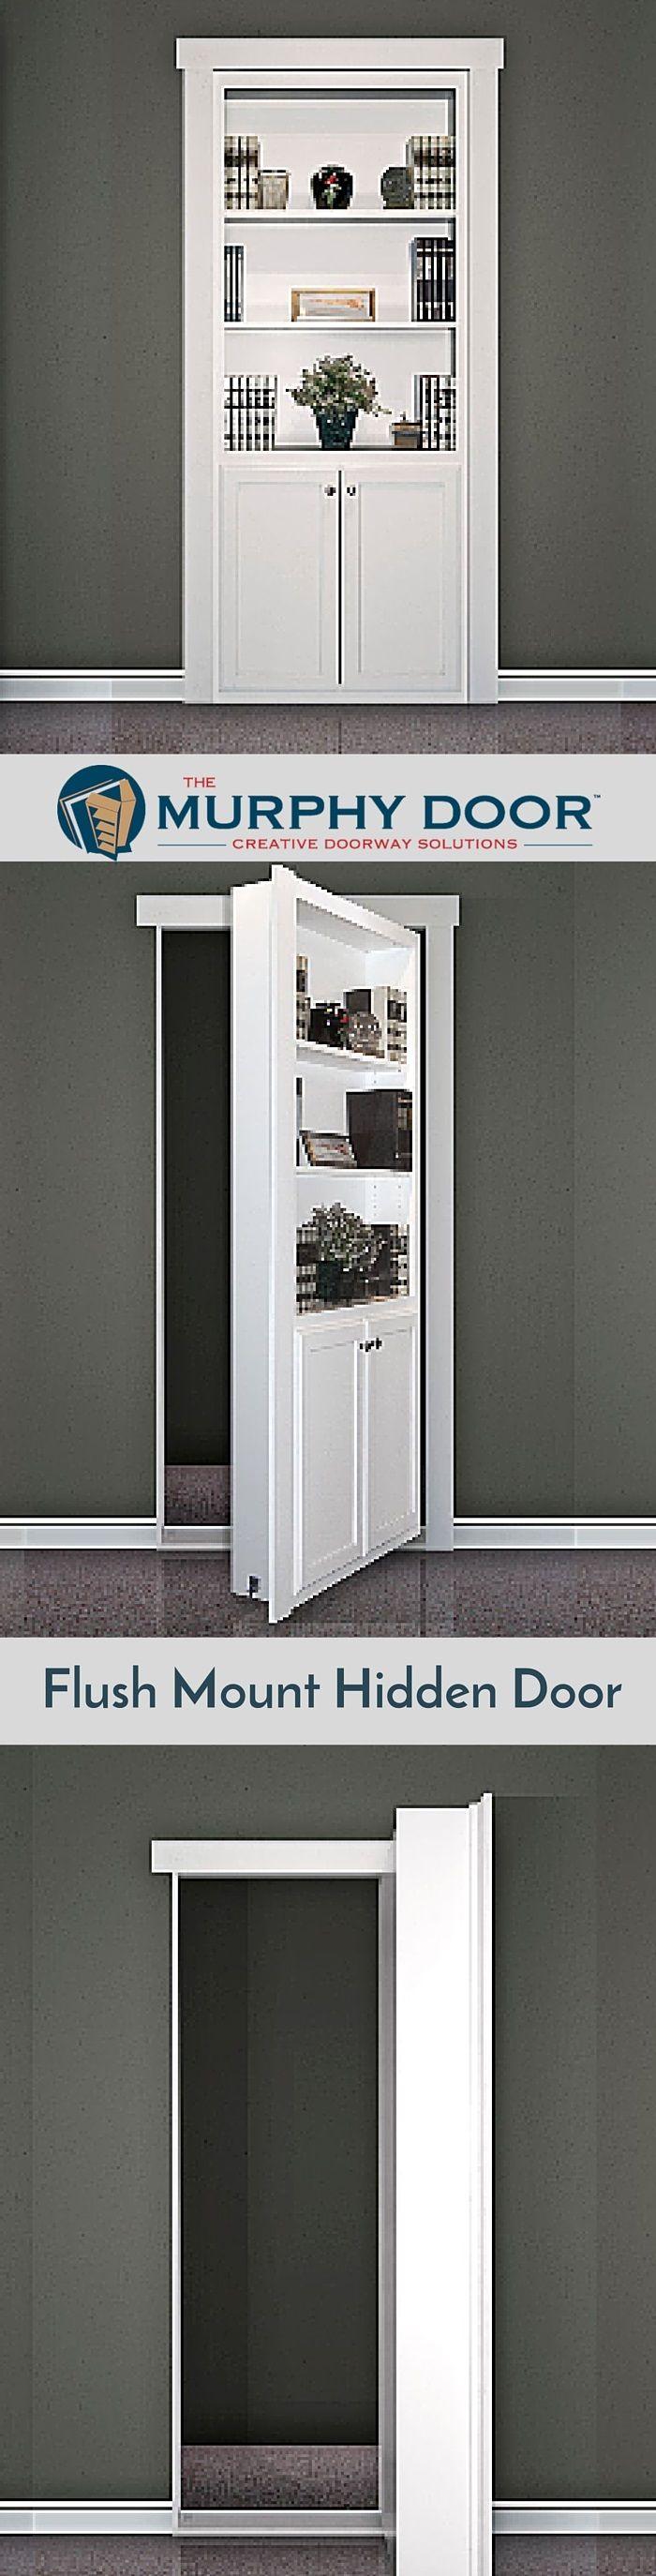 Superior The Flush Mount Hidden Door Is Perfect Creative Solution For Your House.  #hiddendoor